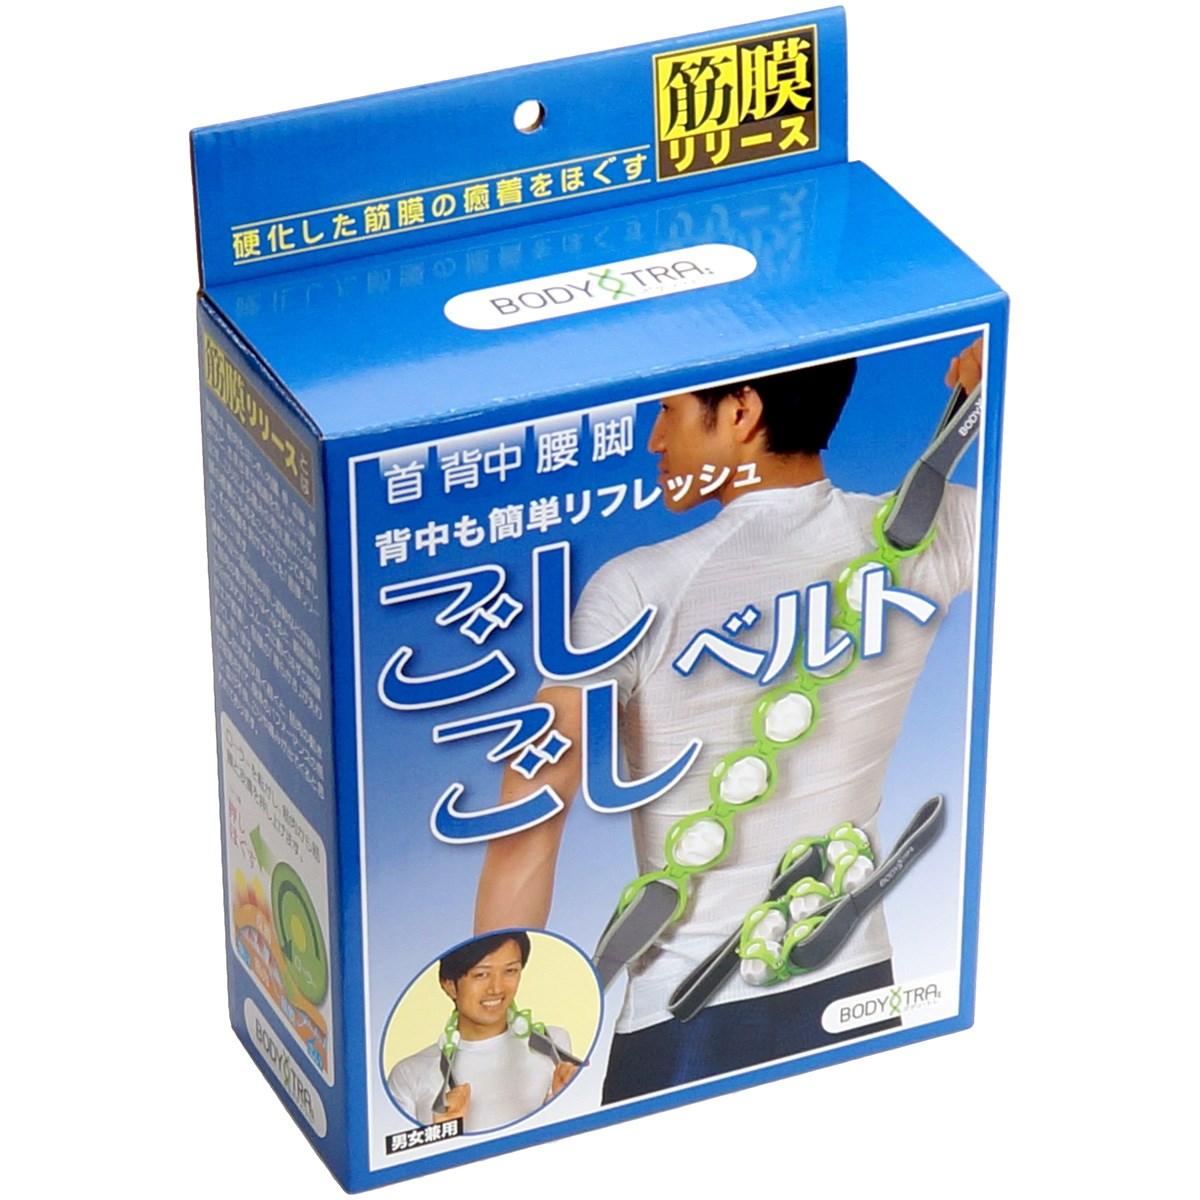 朝日ゴルフ用品 ASAHI GOLF Bodyトレ 筋膜リリース フォームローラーベルト ごしごしベルト ホワイト